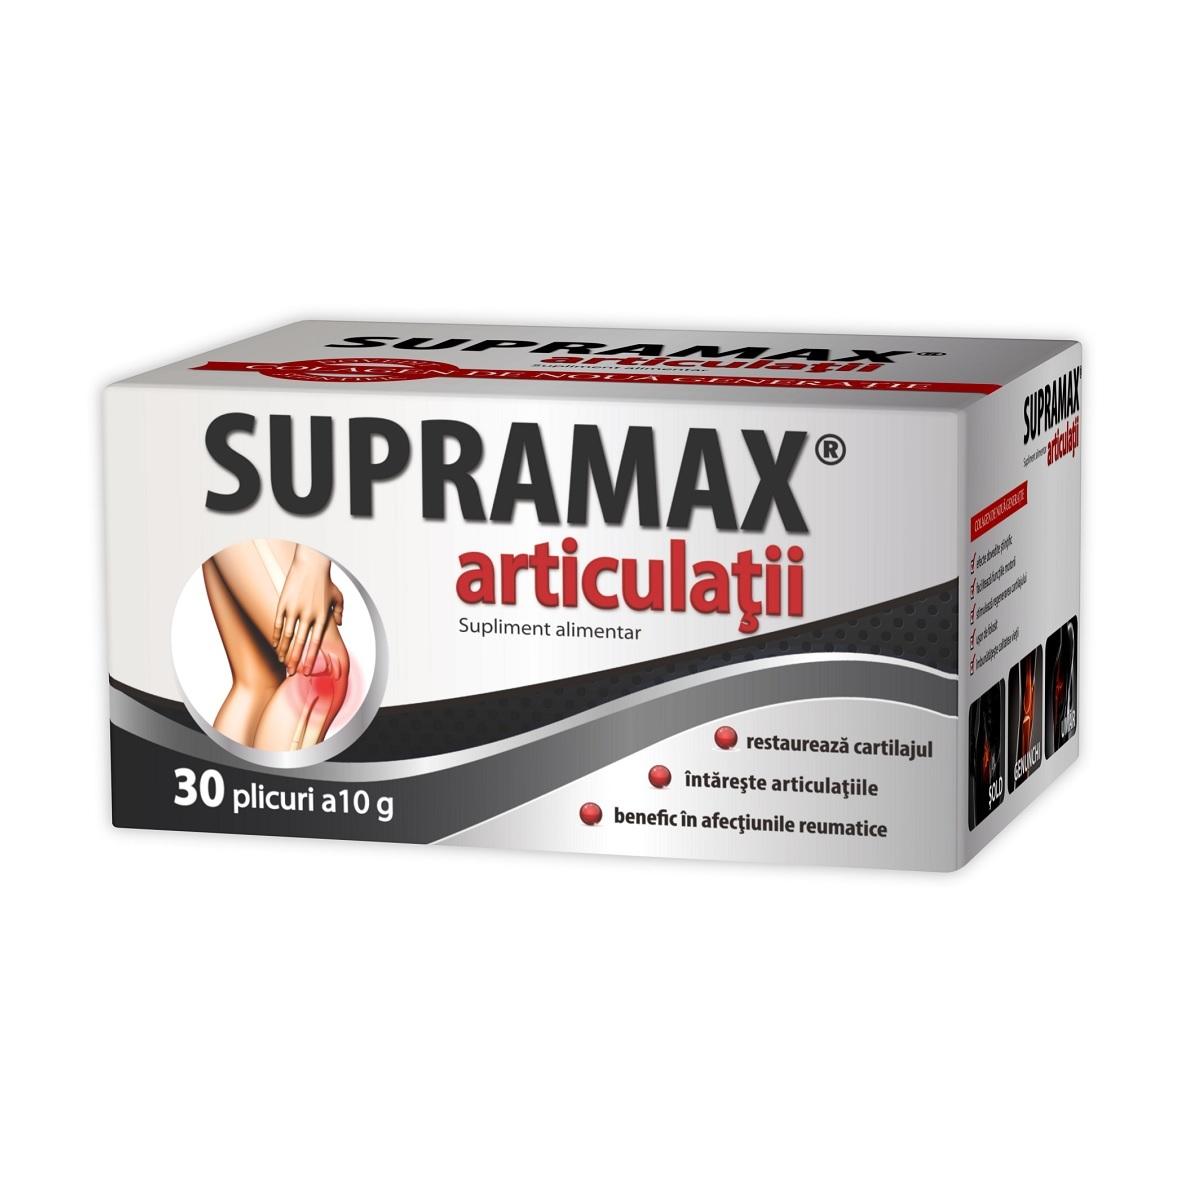 medicament pentru articulații în tablete leucocitoza doare articulațiile